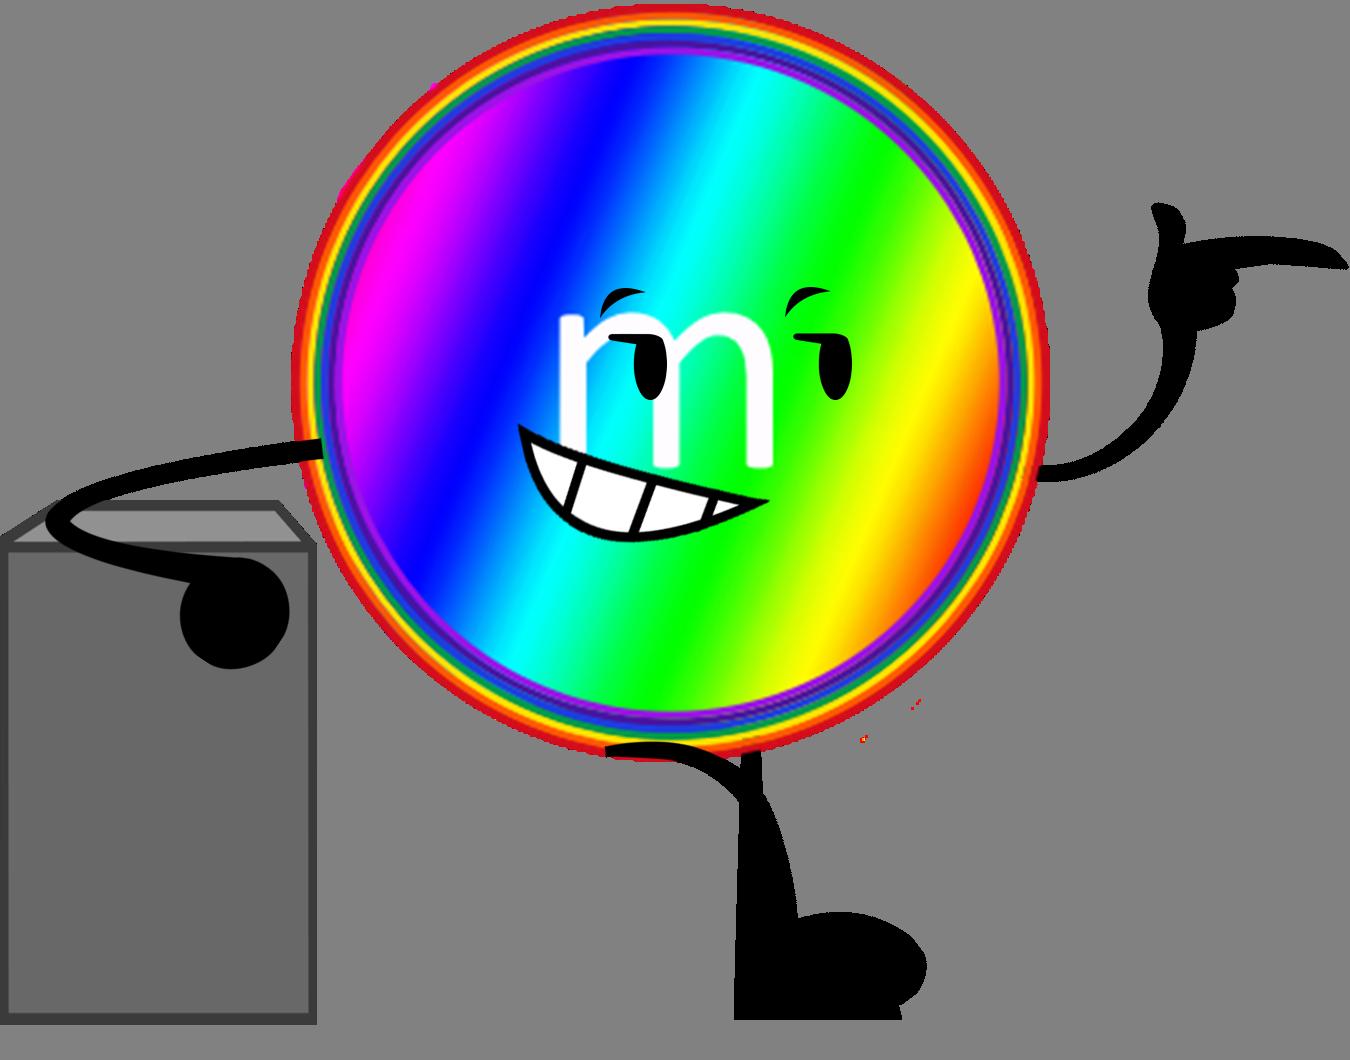 Rainbow M&M